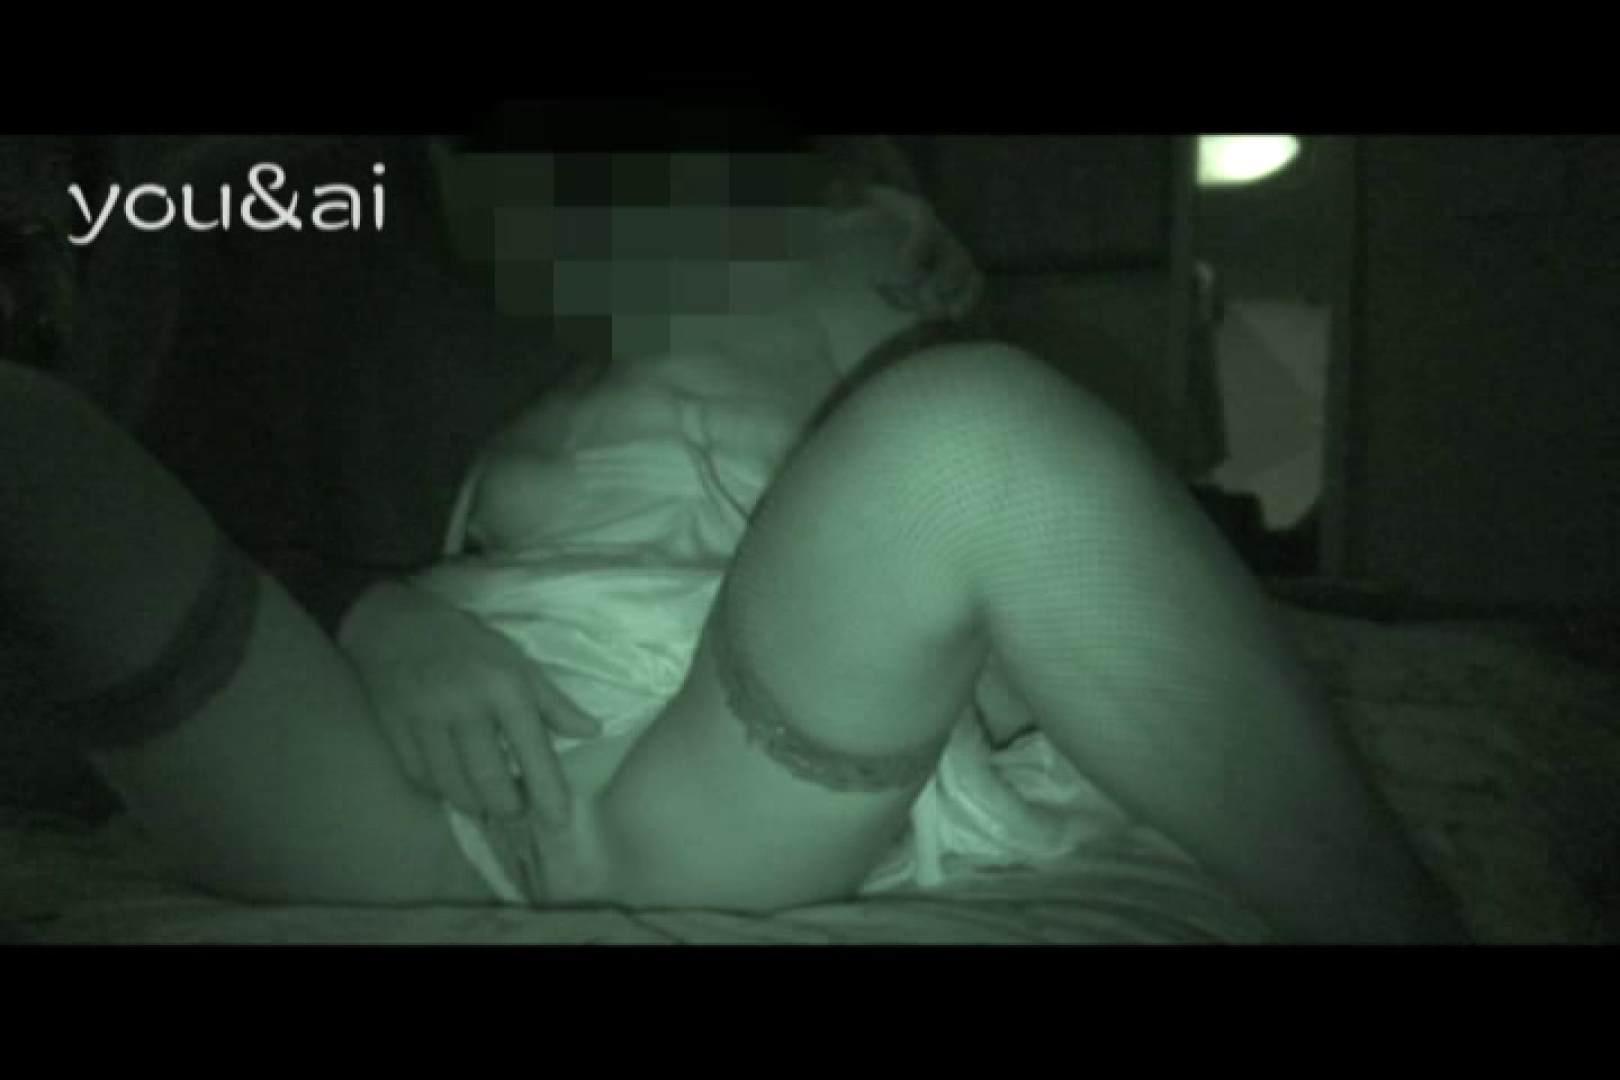 おしどり夫婦のyou&aiさん投稿作品vol.5 すけべなOL AV無料動画キャプチャ 102画像 56